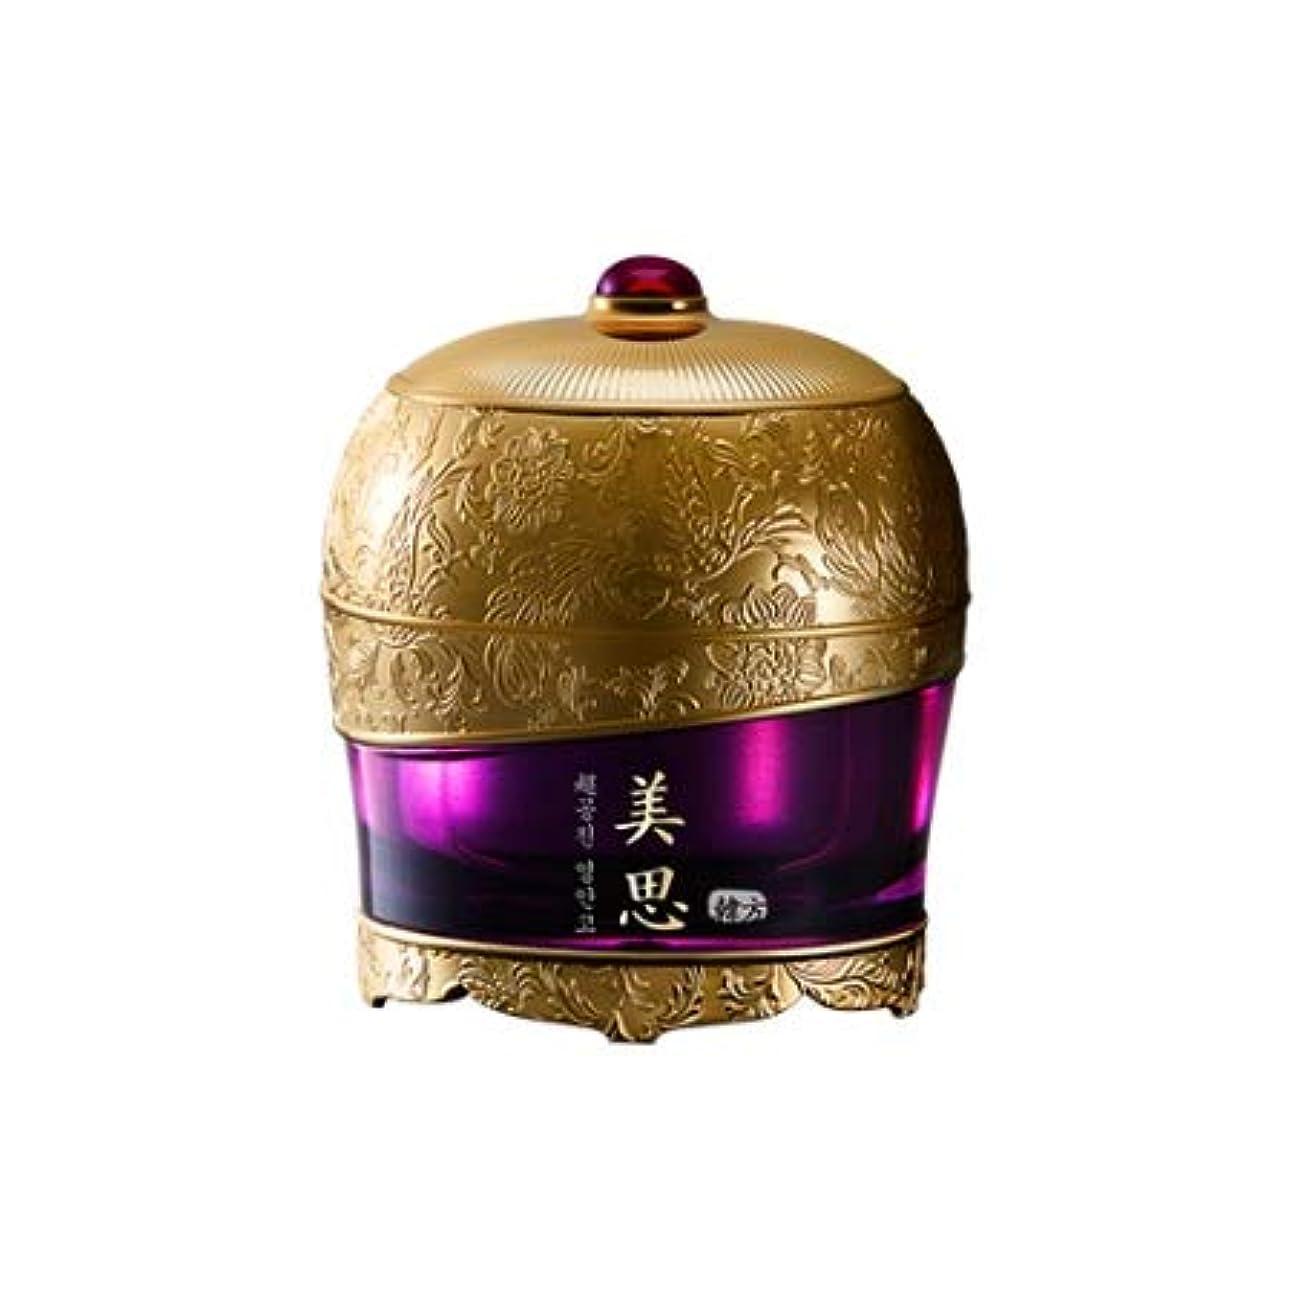 懺悔眉潜むMISSHA Chogongjin Premium cream ミシャ美思超拱辰(チョゴンジン) 永安膏 クリーム クリーム 60ml [並行輸入品]